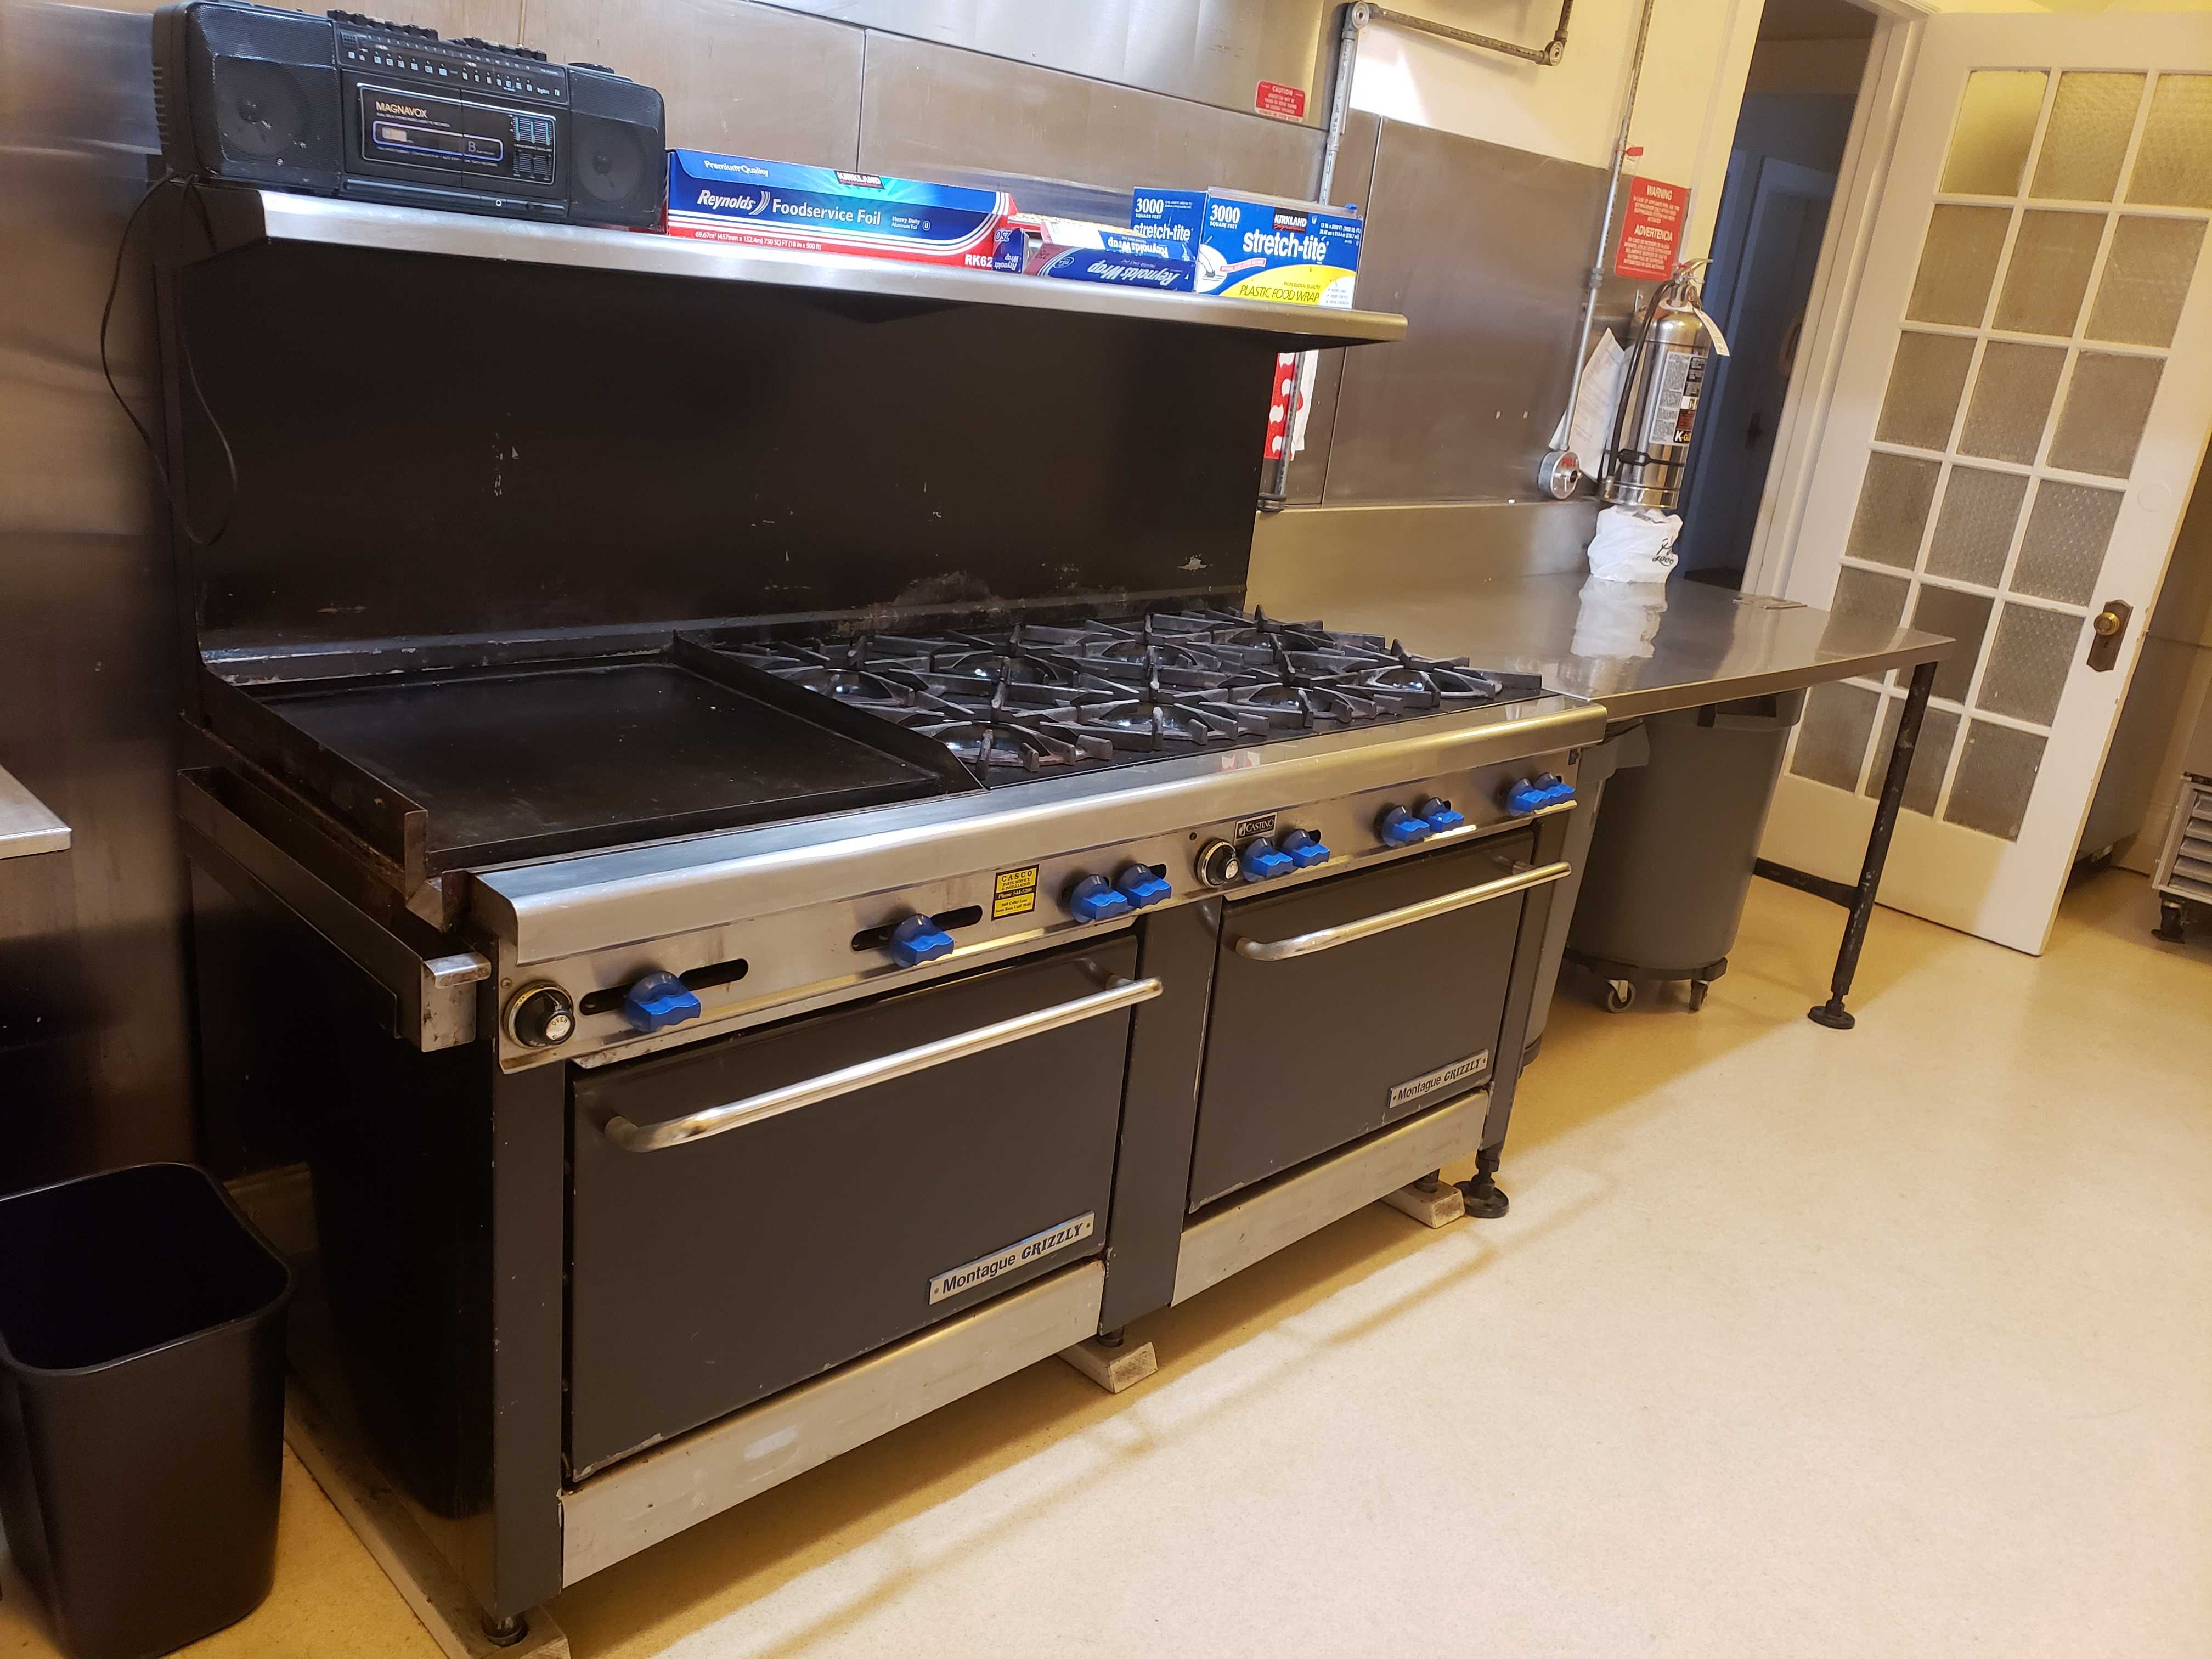 3rd floor Kitchen Stove